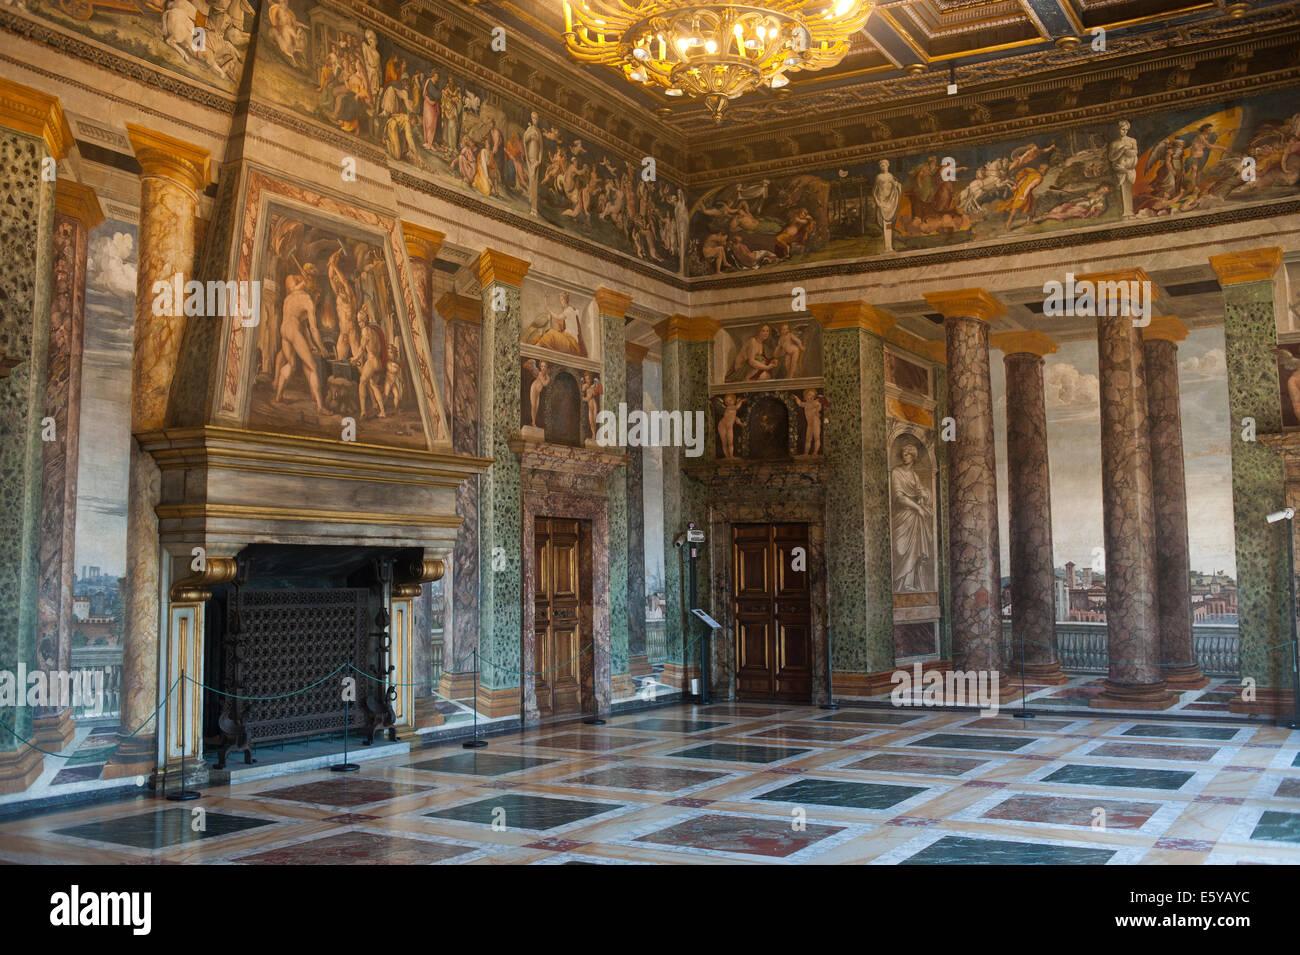 Roma, Italia 2014 - Villa Farnesina, un rinascimentale villa suburbana in Via della Lungara, nel quartiere di Trastevere. Immagini Stock